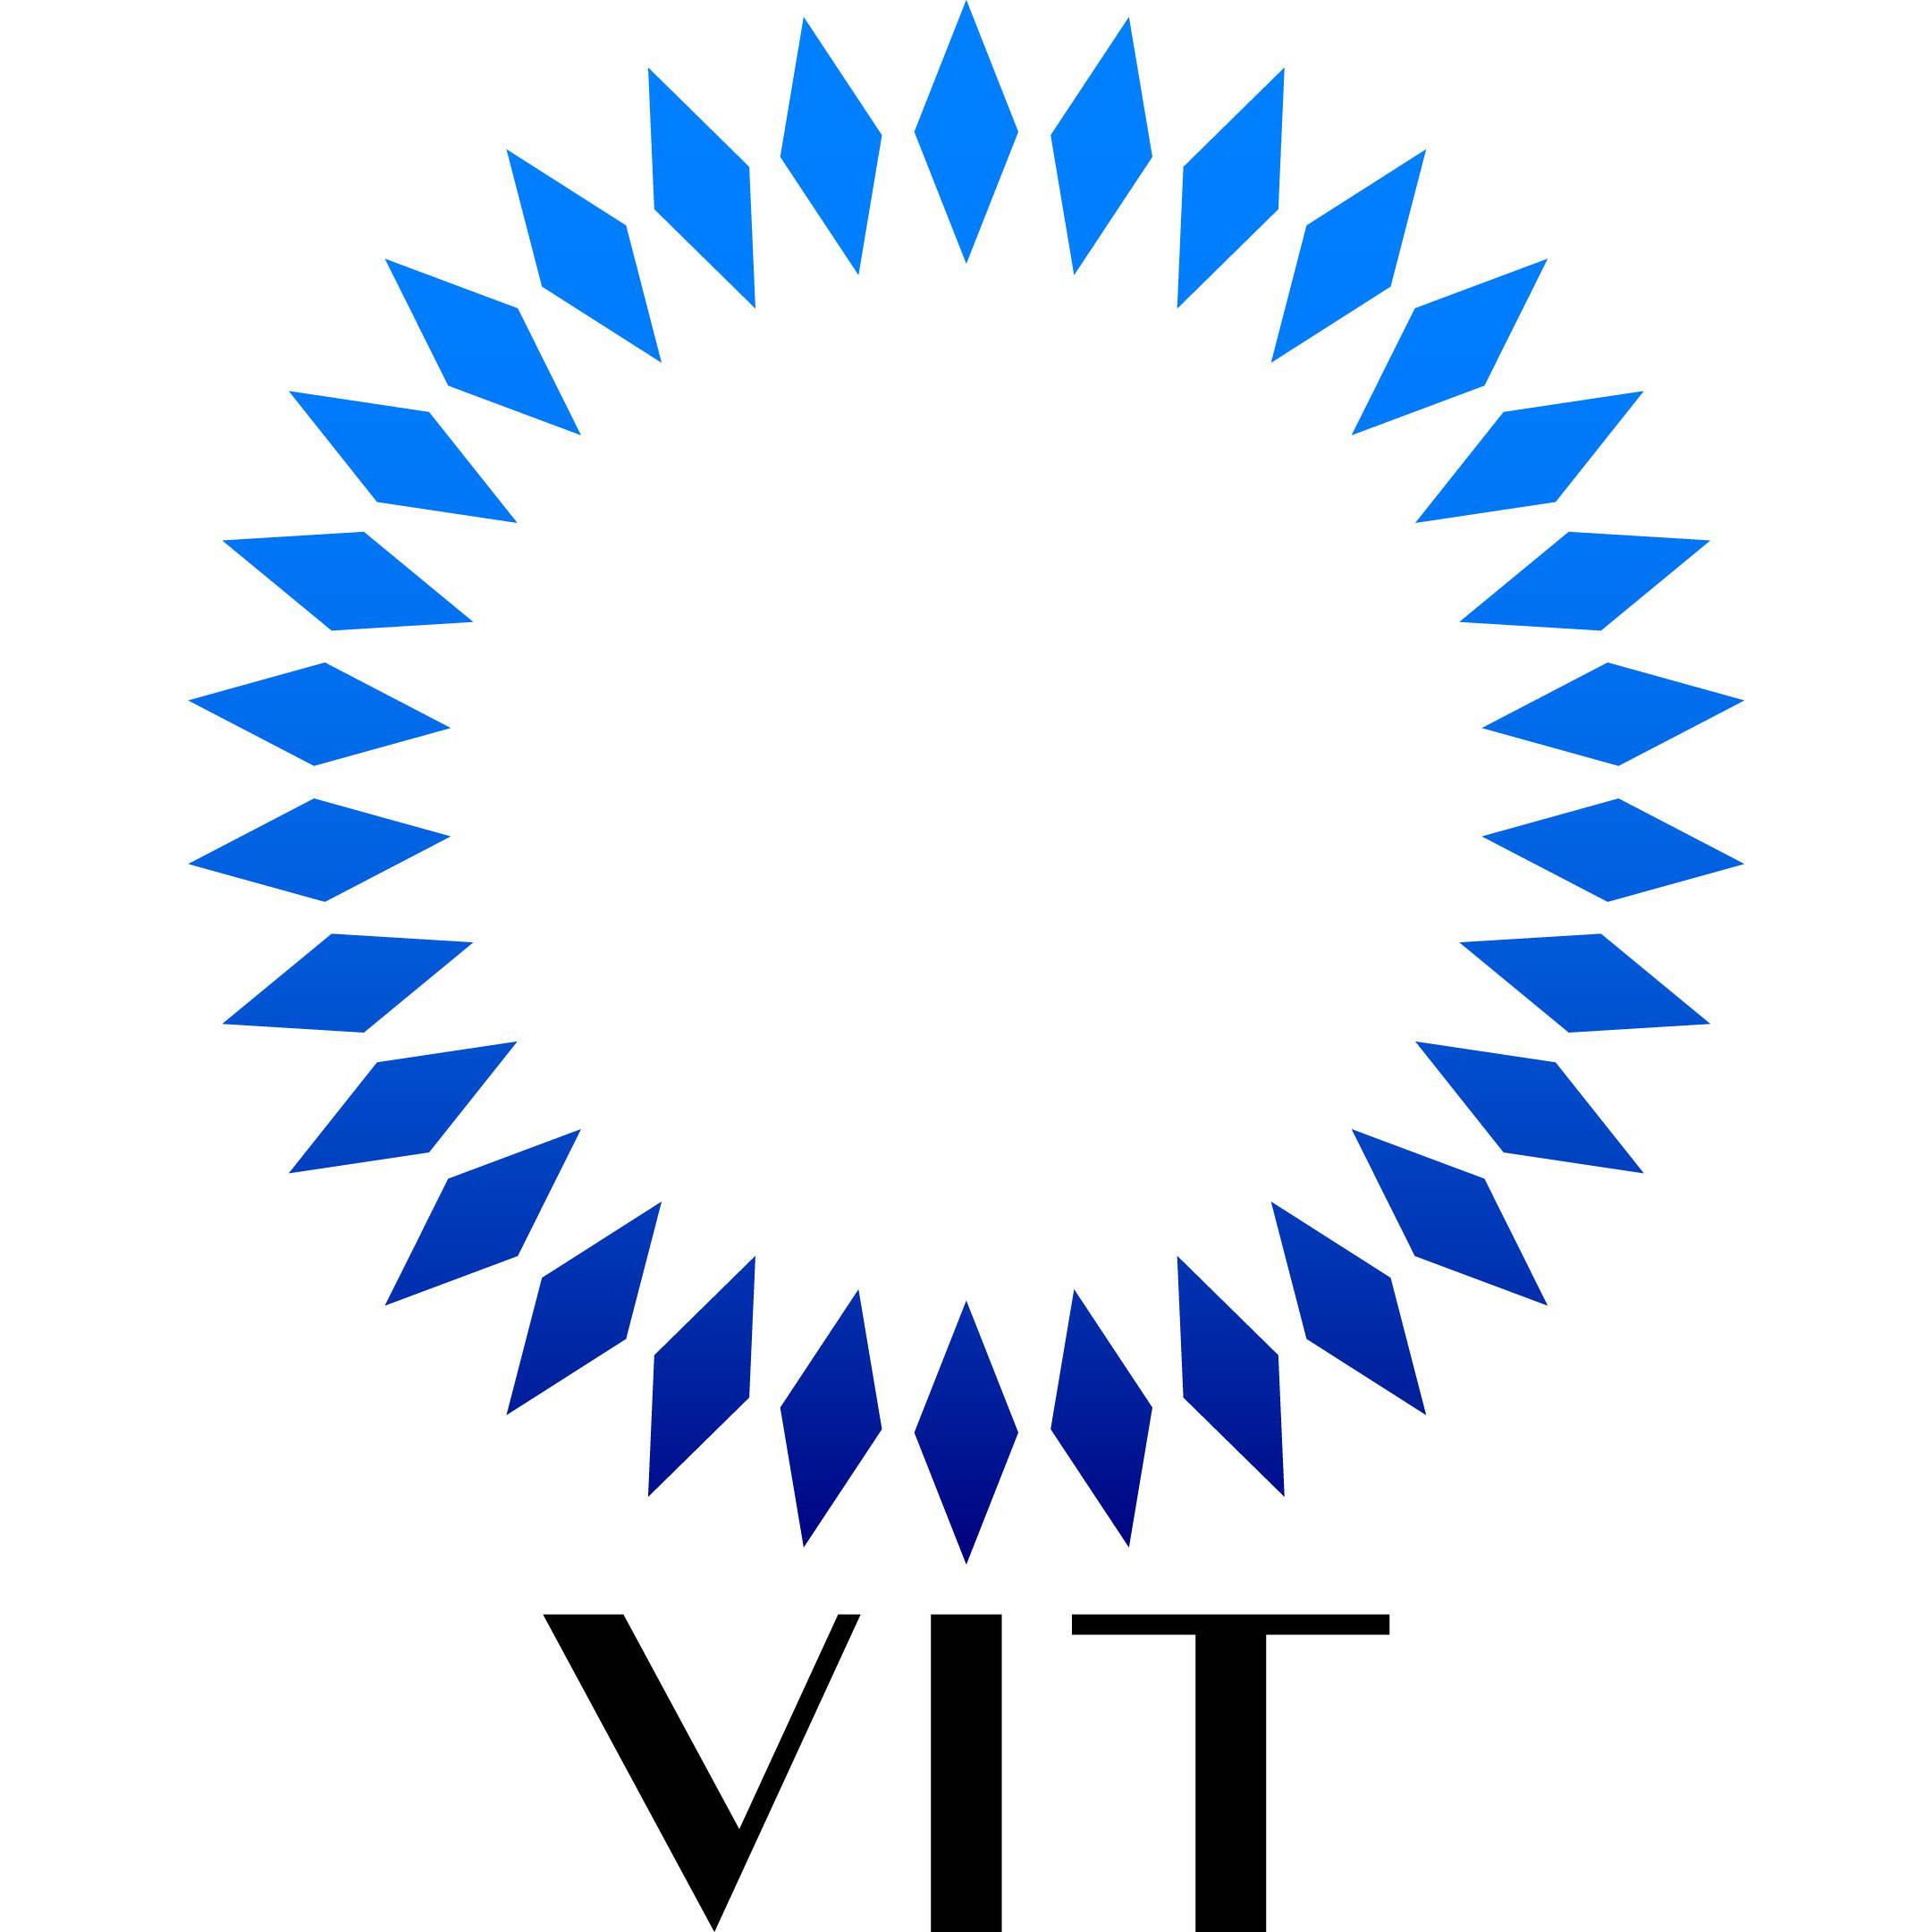 株式会社 VIT